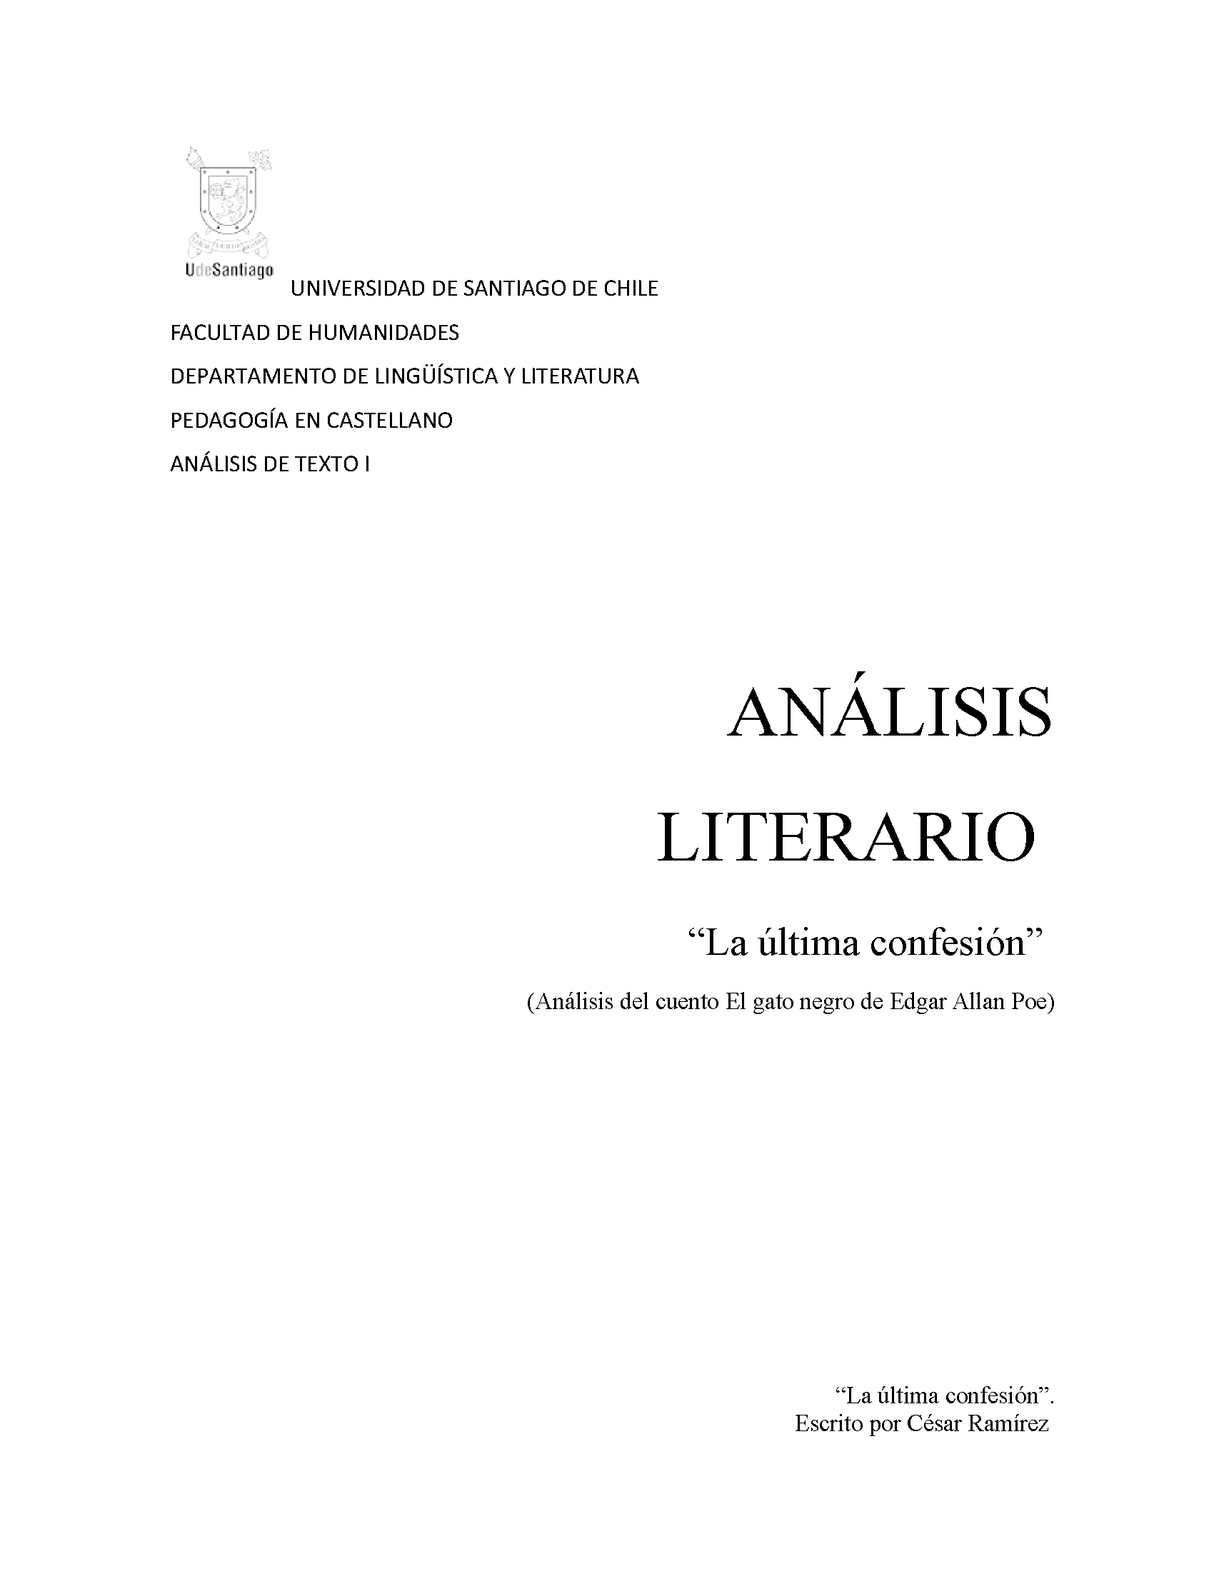 Análisis literario el gato negro